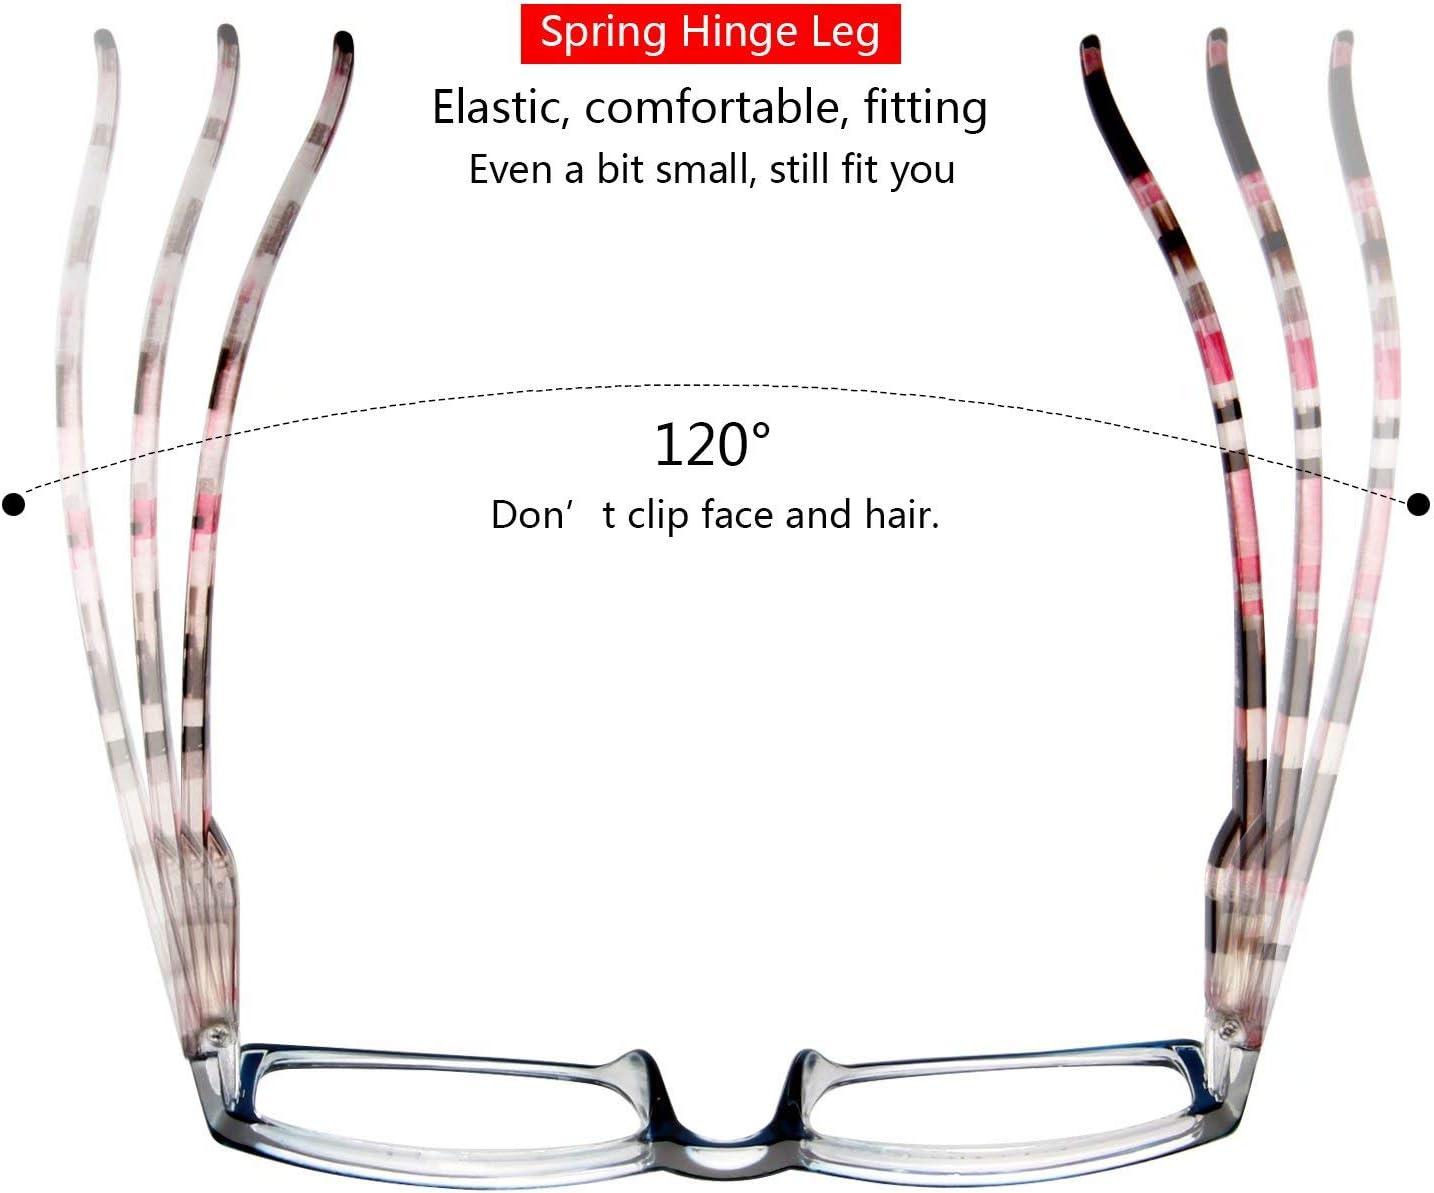 Petites lunettes de lecture incassables grossissantes pour femmes Charni/ères /à ressort noires Lunettes de lecture rectangulaires